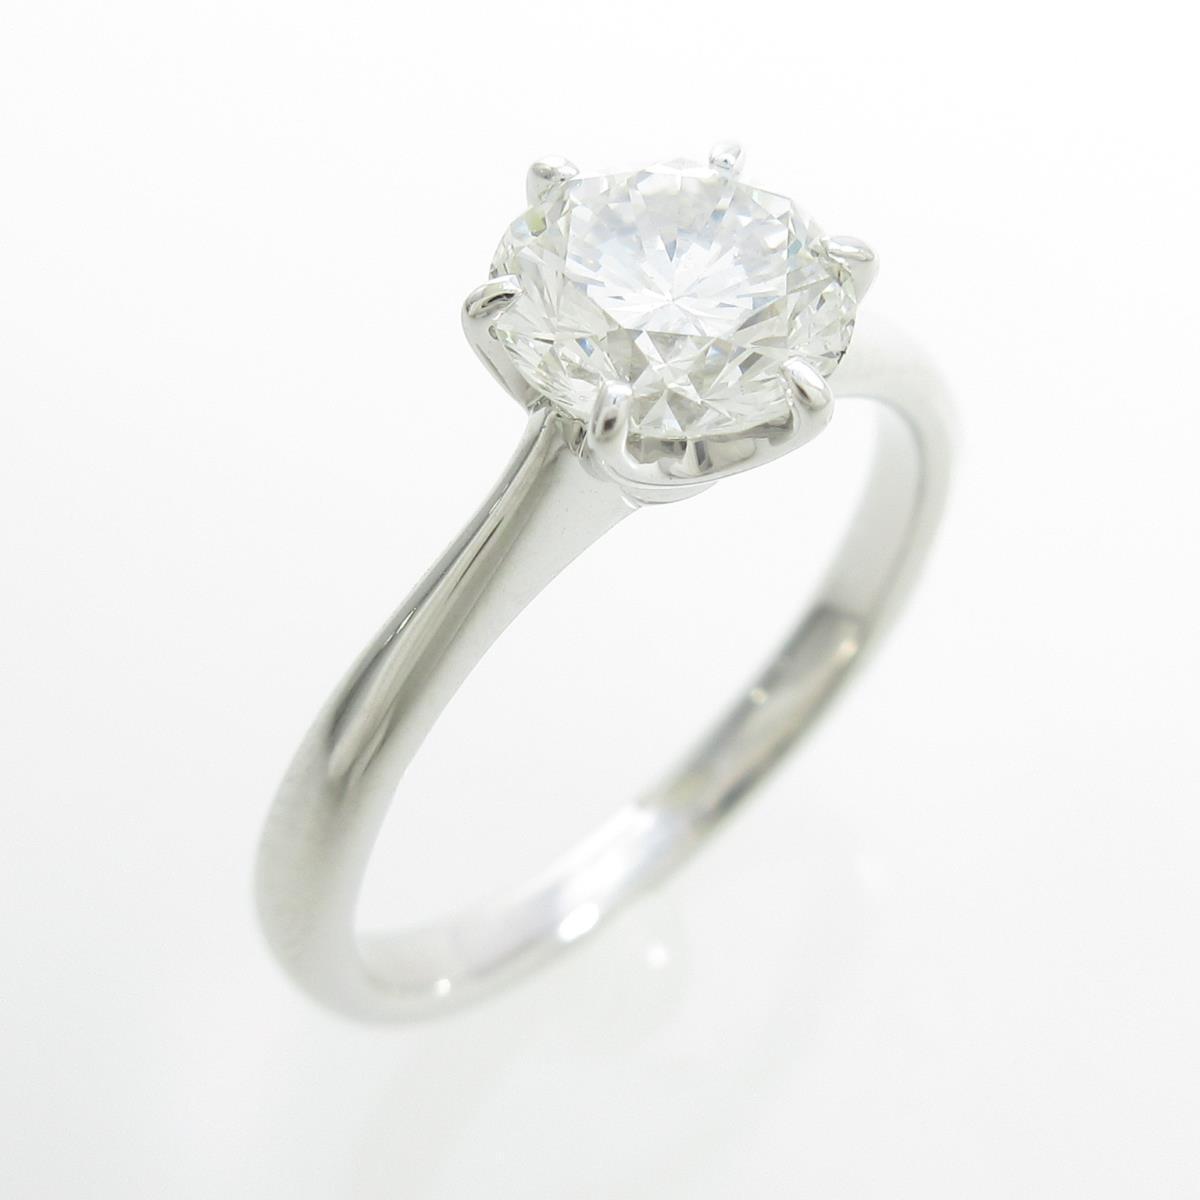 【リメイク】プラチナダイヤモンドリング 1.092ct・H・SI1・GOOD【中古】